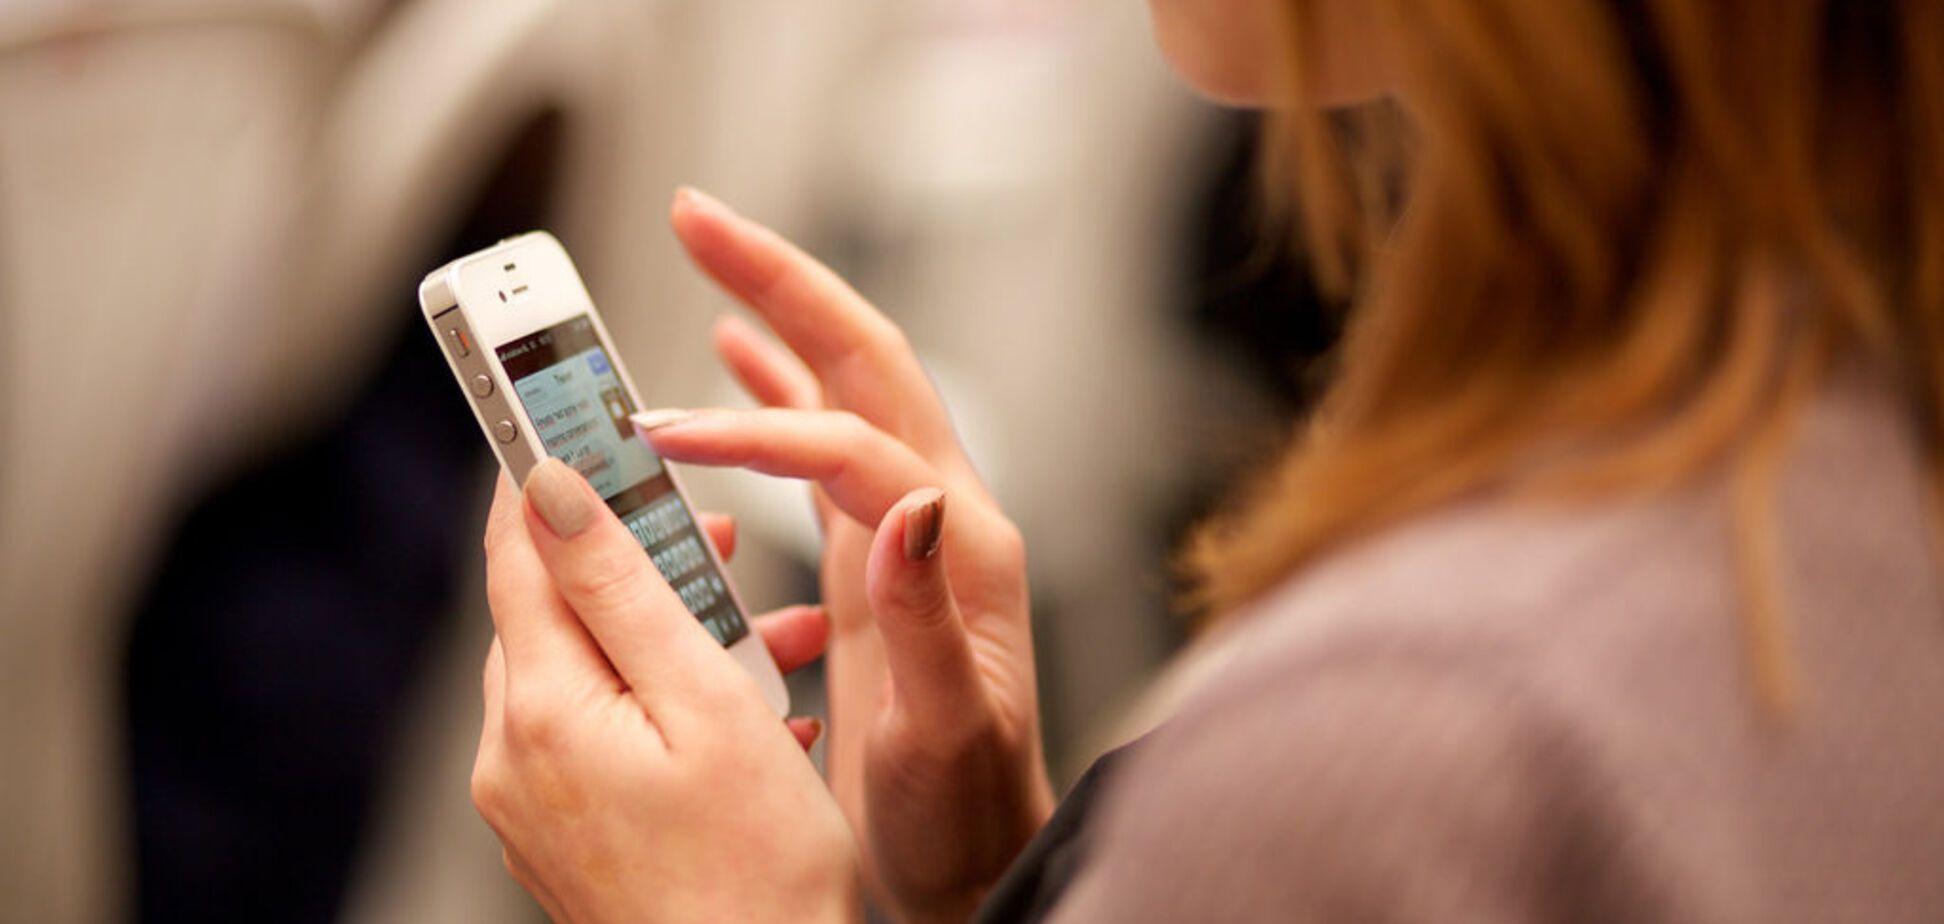 Вред или польза? Ученые развенчали популярный миф о мобильных телефонах